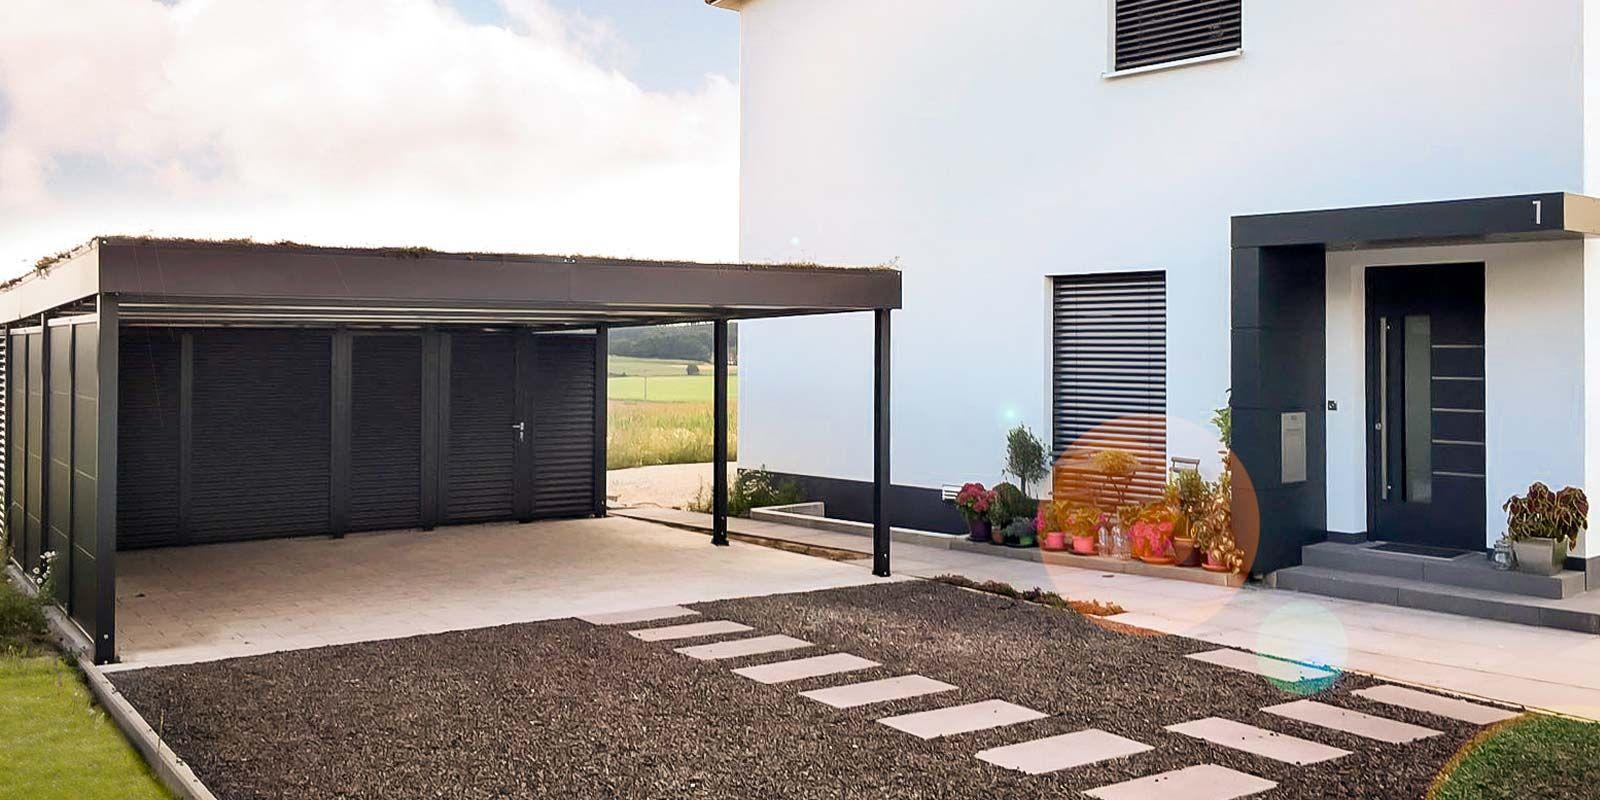 Doppelcarport Von Siebau Car Port In 2018 Pinterest Garage